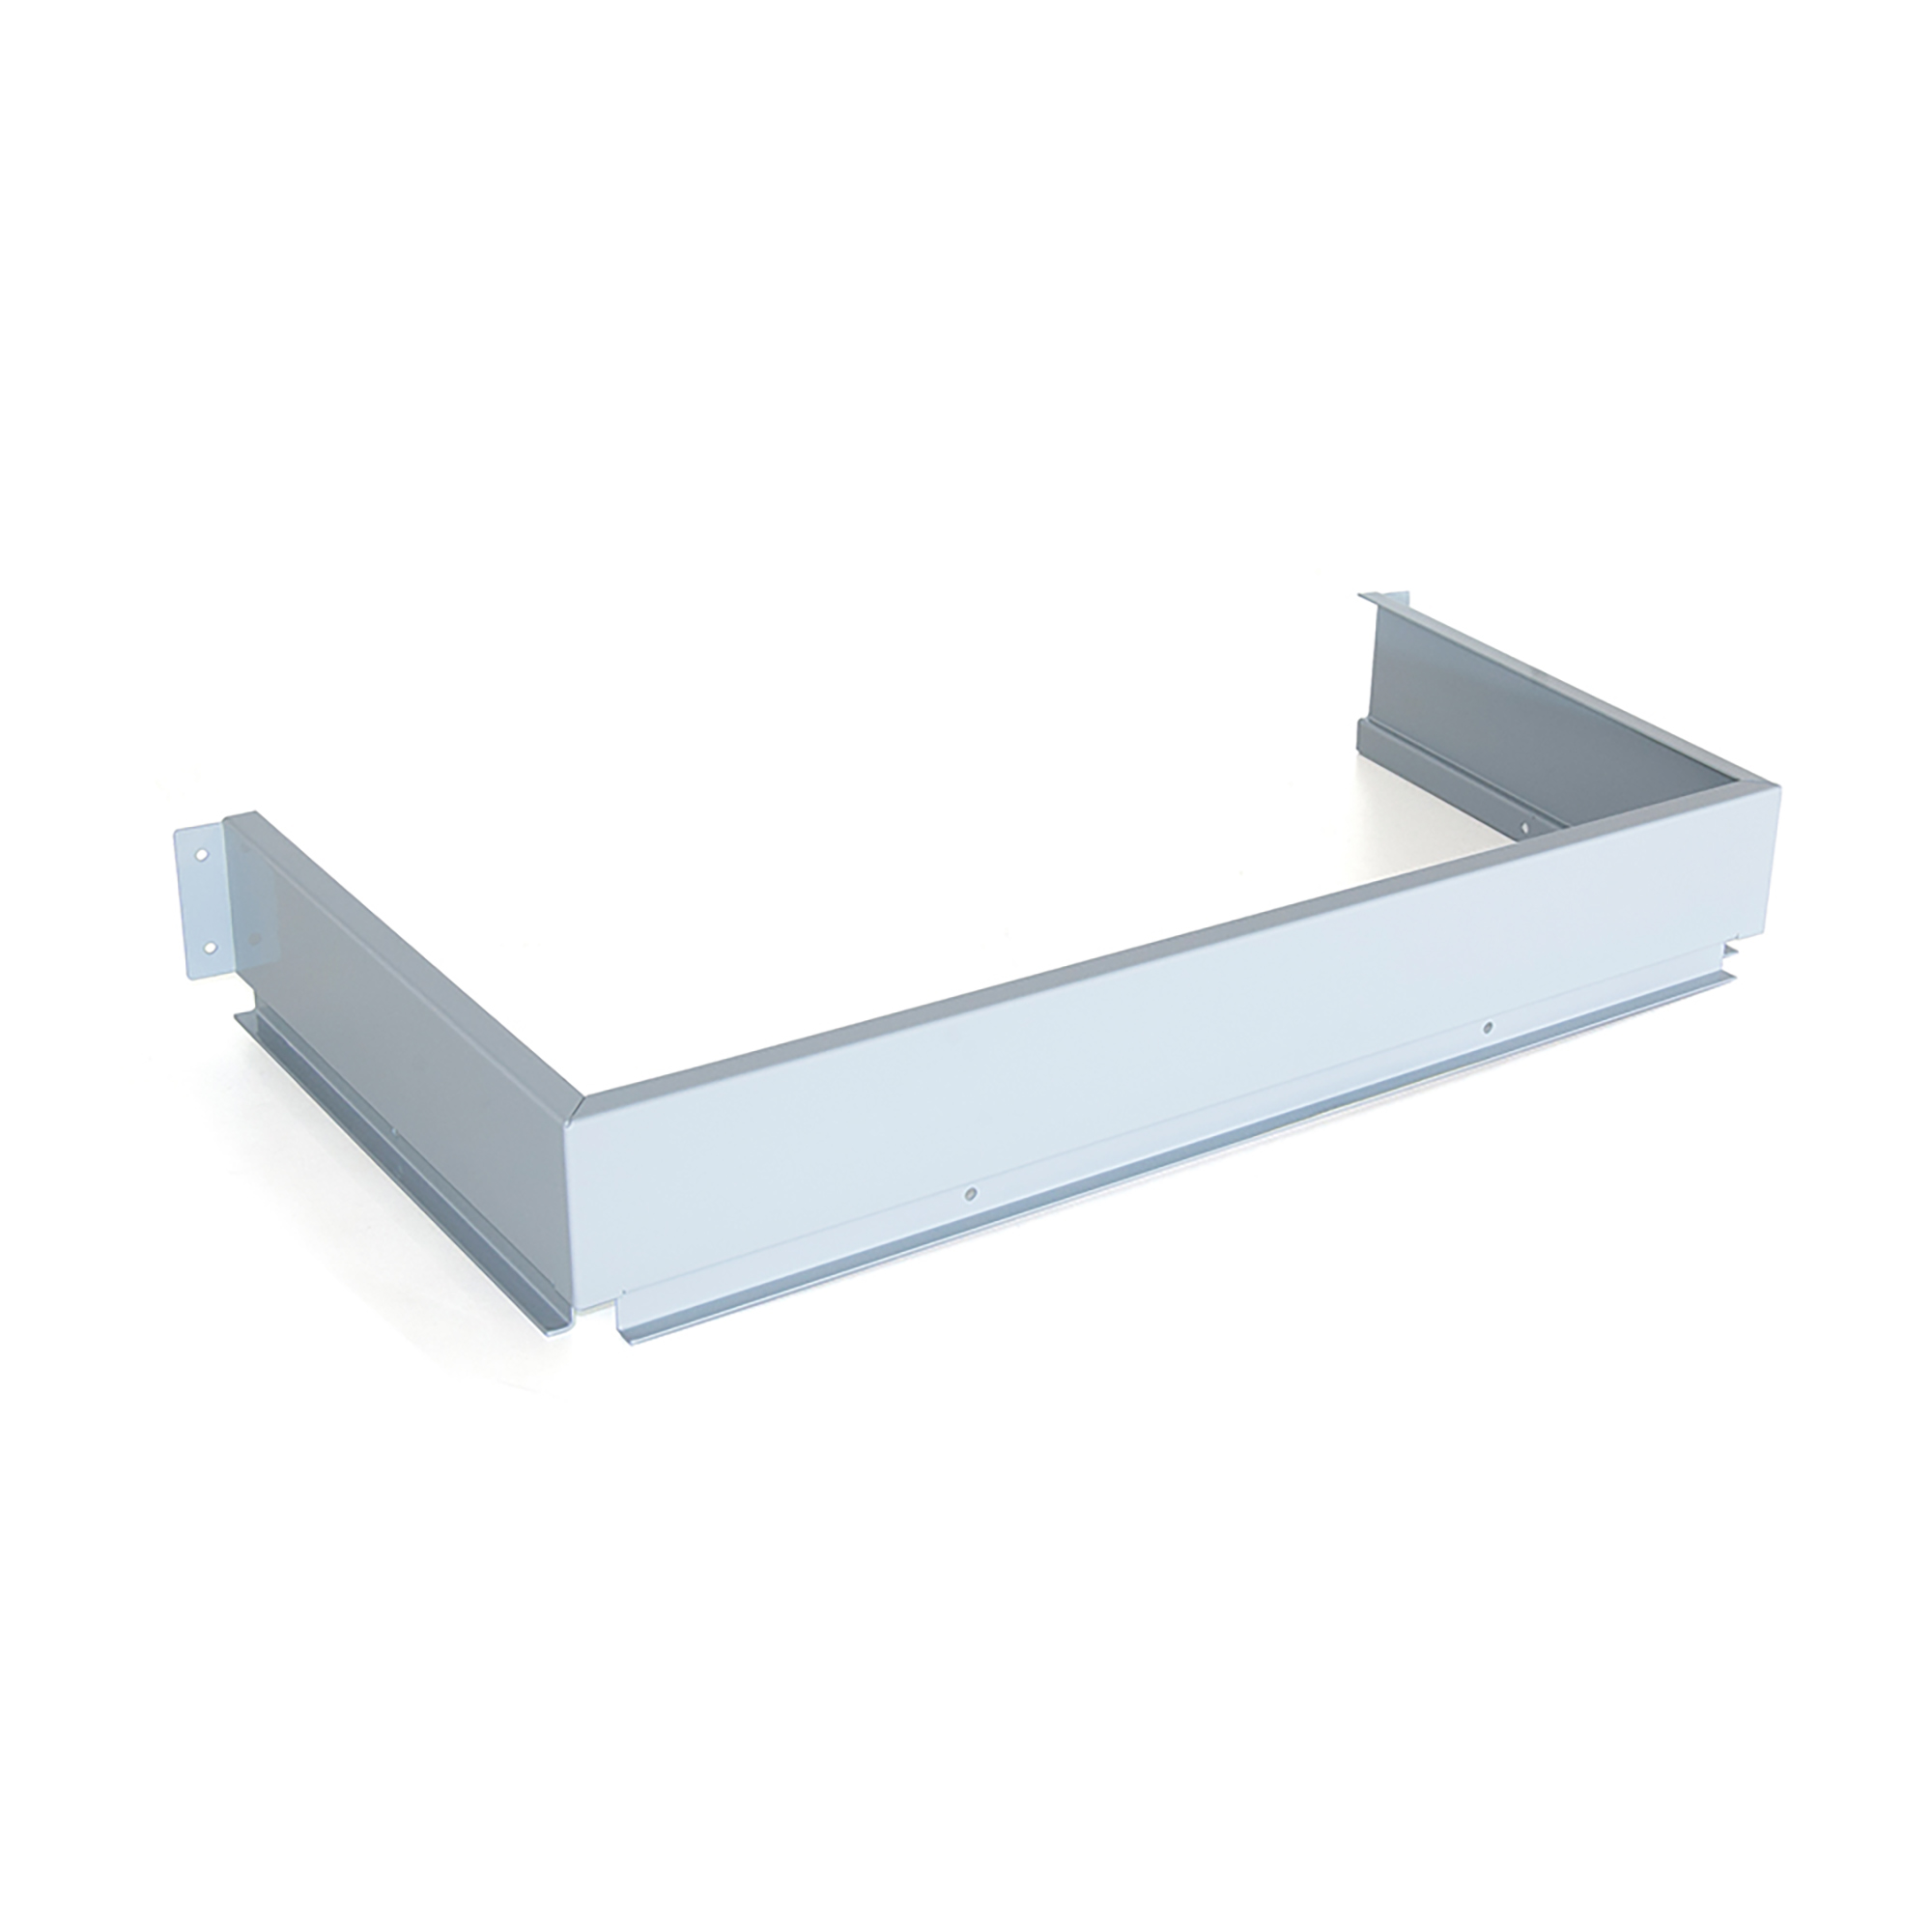 Emuca Schiena metallica per cassetti sotto lavello, Acciaio, Grigio metallizzato